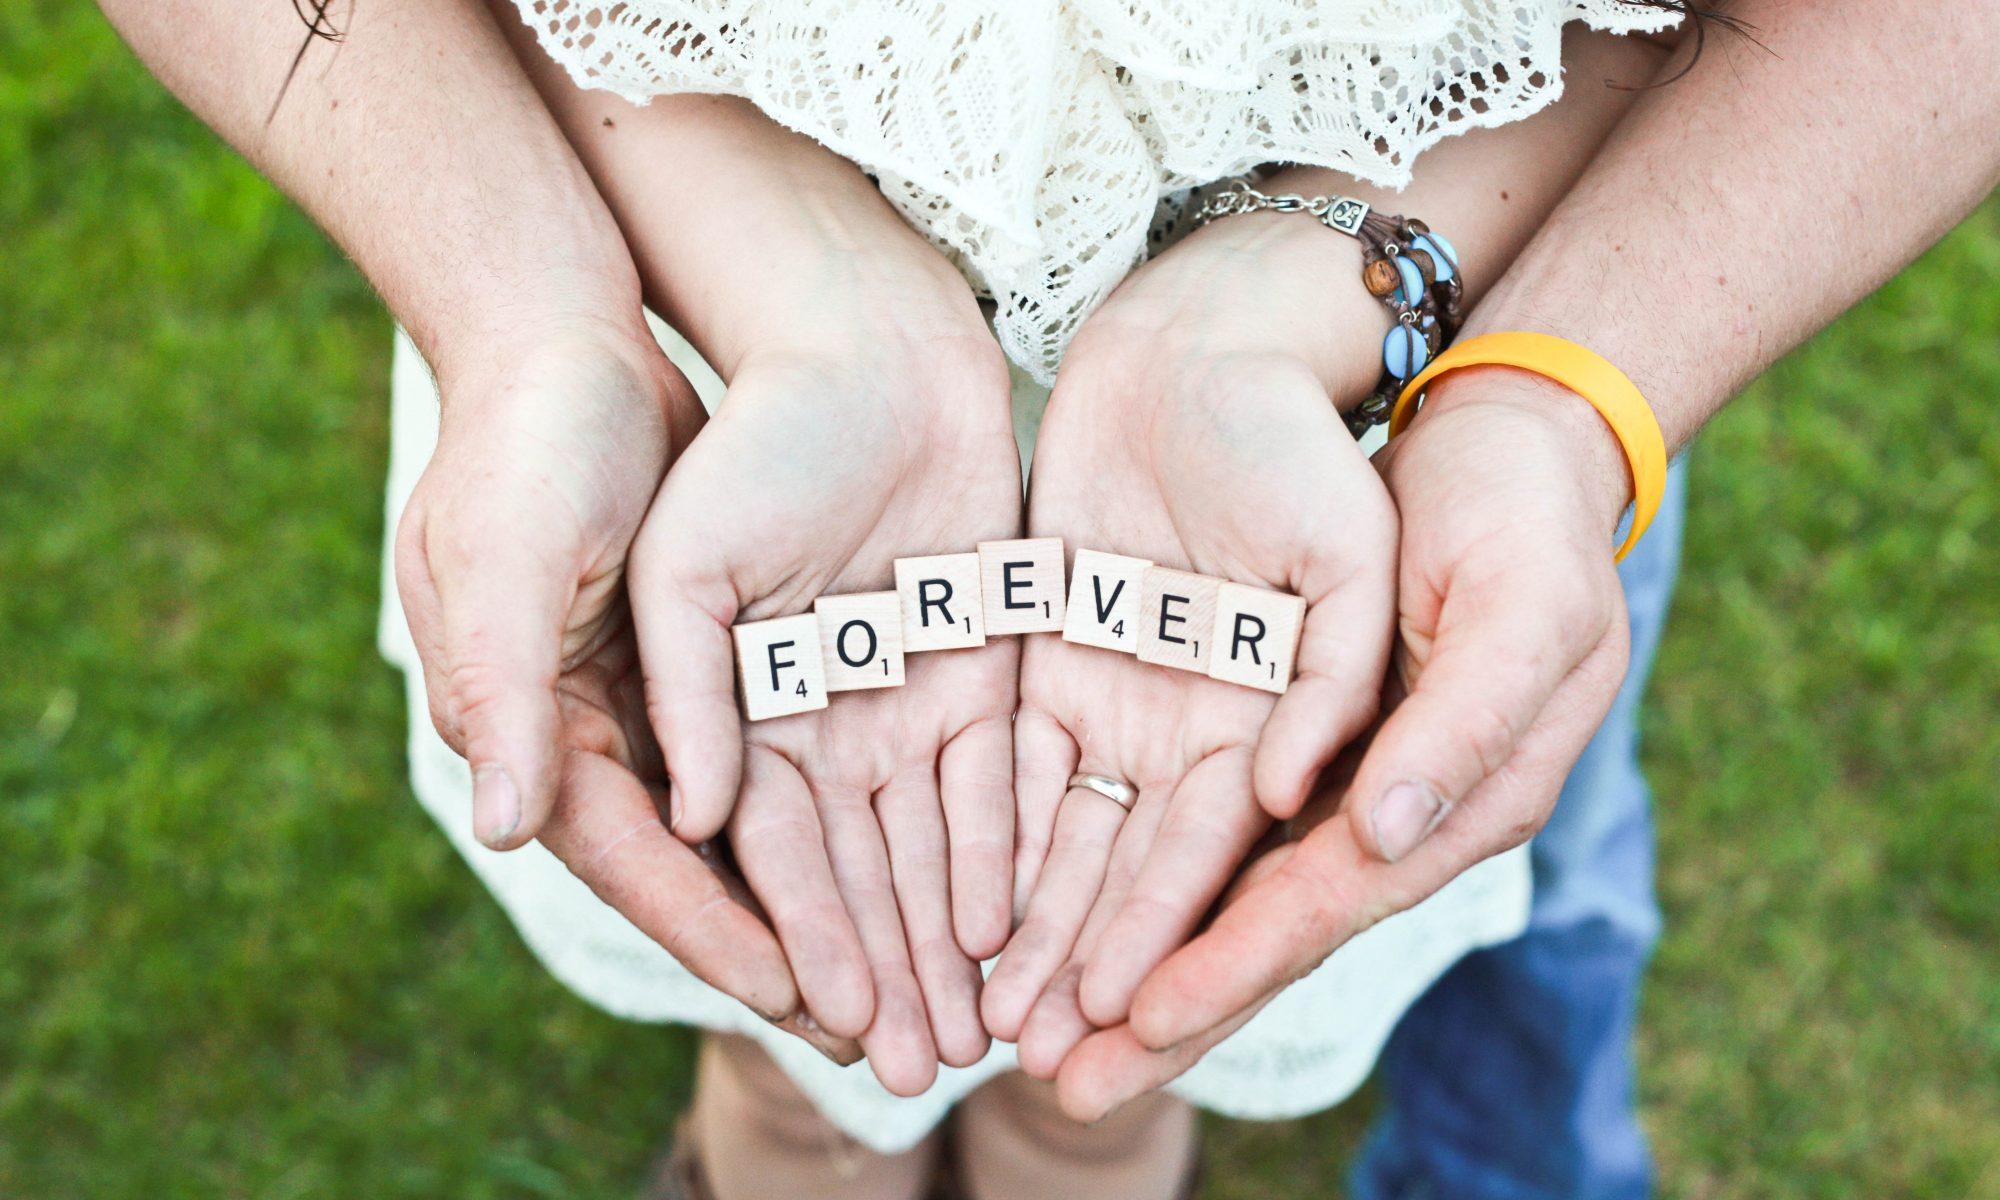 Vier Hände liegen ineinander mit dem Wort Forever